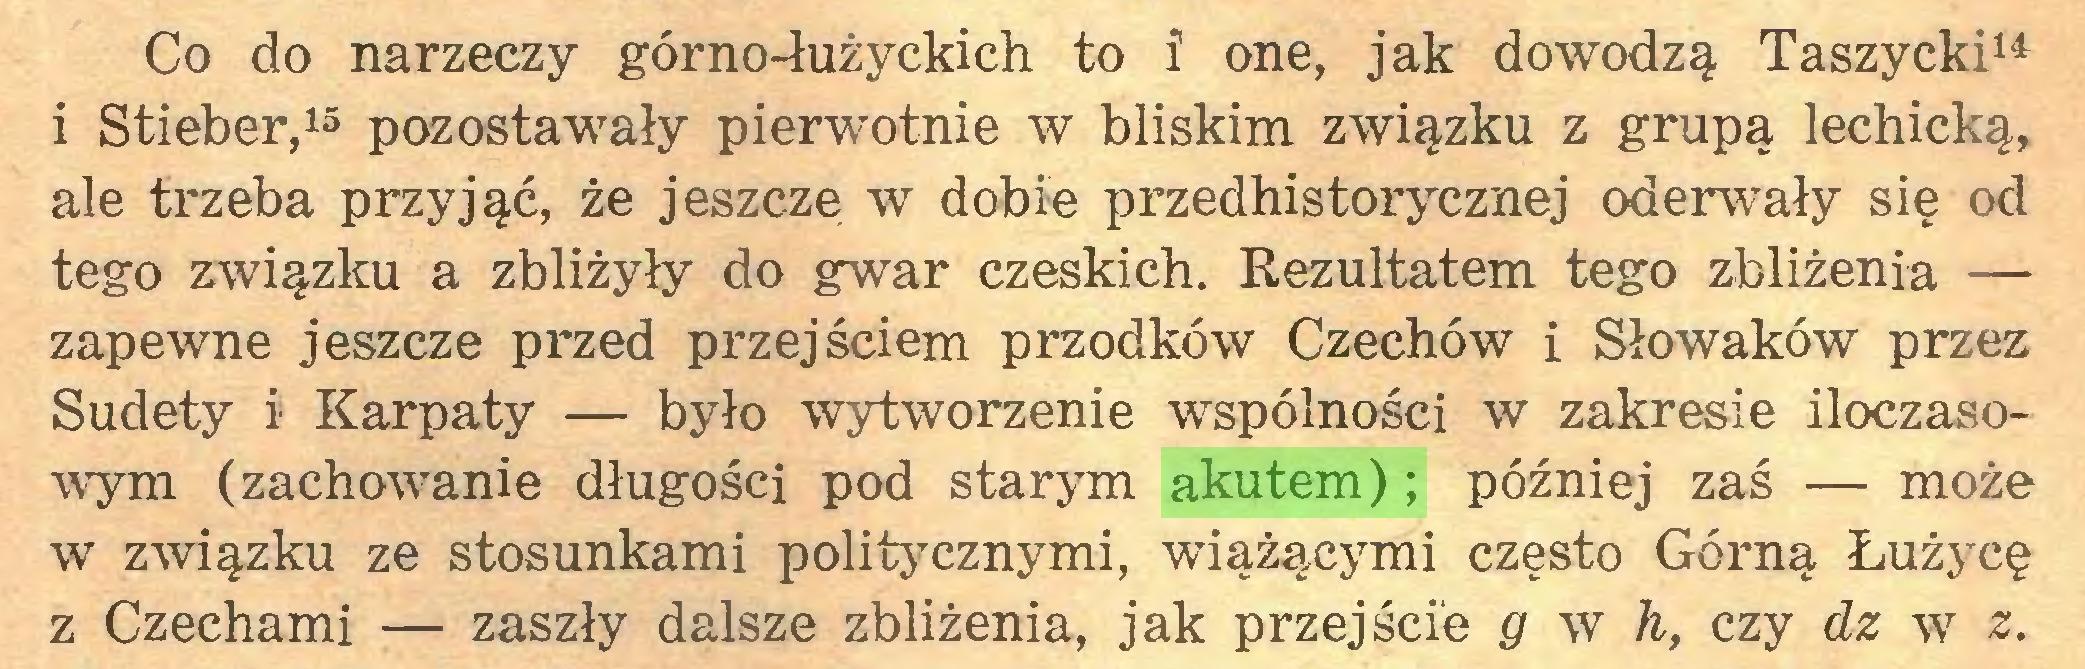 (...) Co do narzeczy górno-łużyckich to i one, jak dowodzą Taszycki14 i Stieber,15 pozostawały pierwotnie w bliskim związku z grupą lechicką, ale trzeba przyjąć, że jeszcze w dobie przedhistorycznej oderwały się od tego związku a zbliżyły do gwar czeskich. Rezultatem tego zbliżenia — zapewne jeszcze przed przejściem przodków Czechów i Słowaków przez Sudety i Karpaty — było wytworzenie wspólności w zakresie iloczasowym (zachowanie długości pod starym akutem); później zaś — może w związku ze stosunkami politycznymi, wiążącymi często Górną Łużycę z Czechami — zaszły dalsze zbliżenia, jak przejście g w h, czy dz w z...